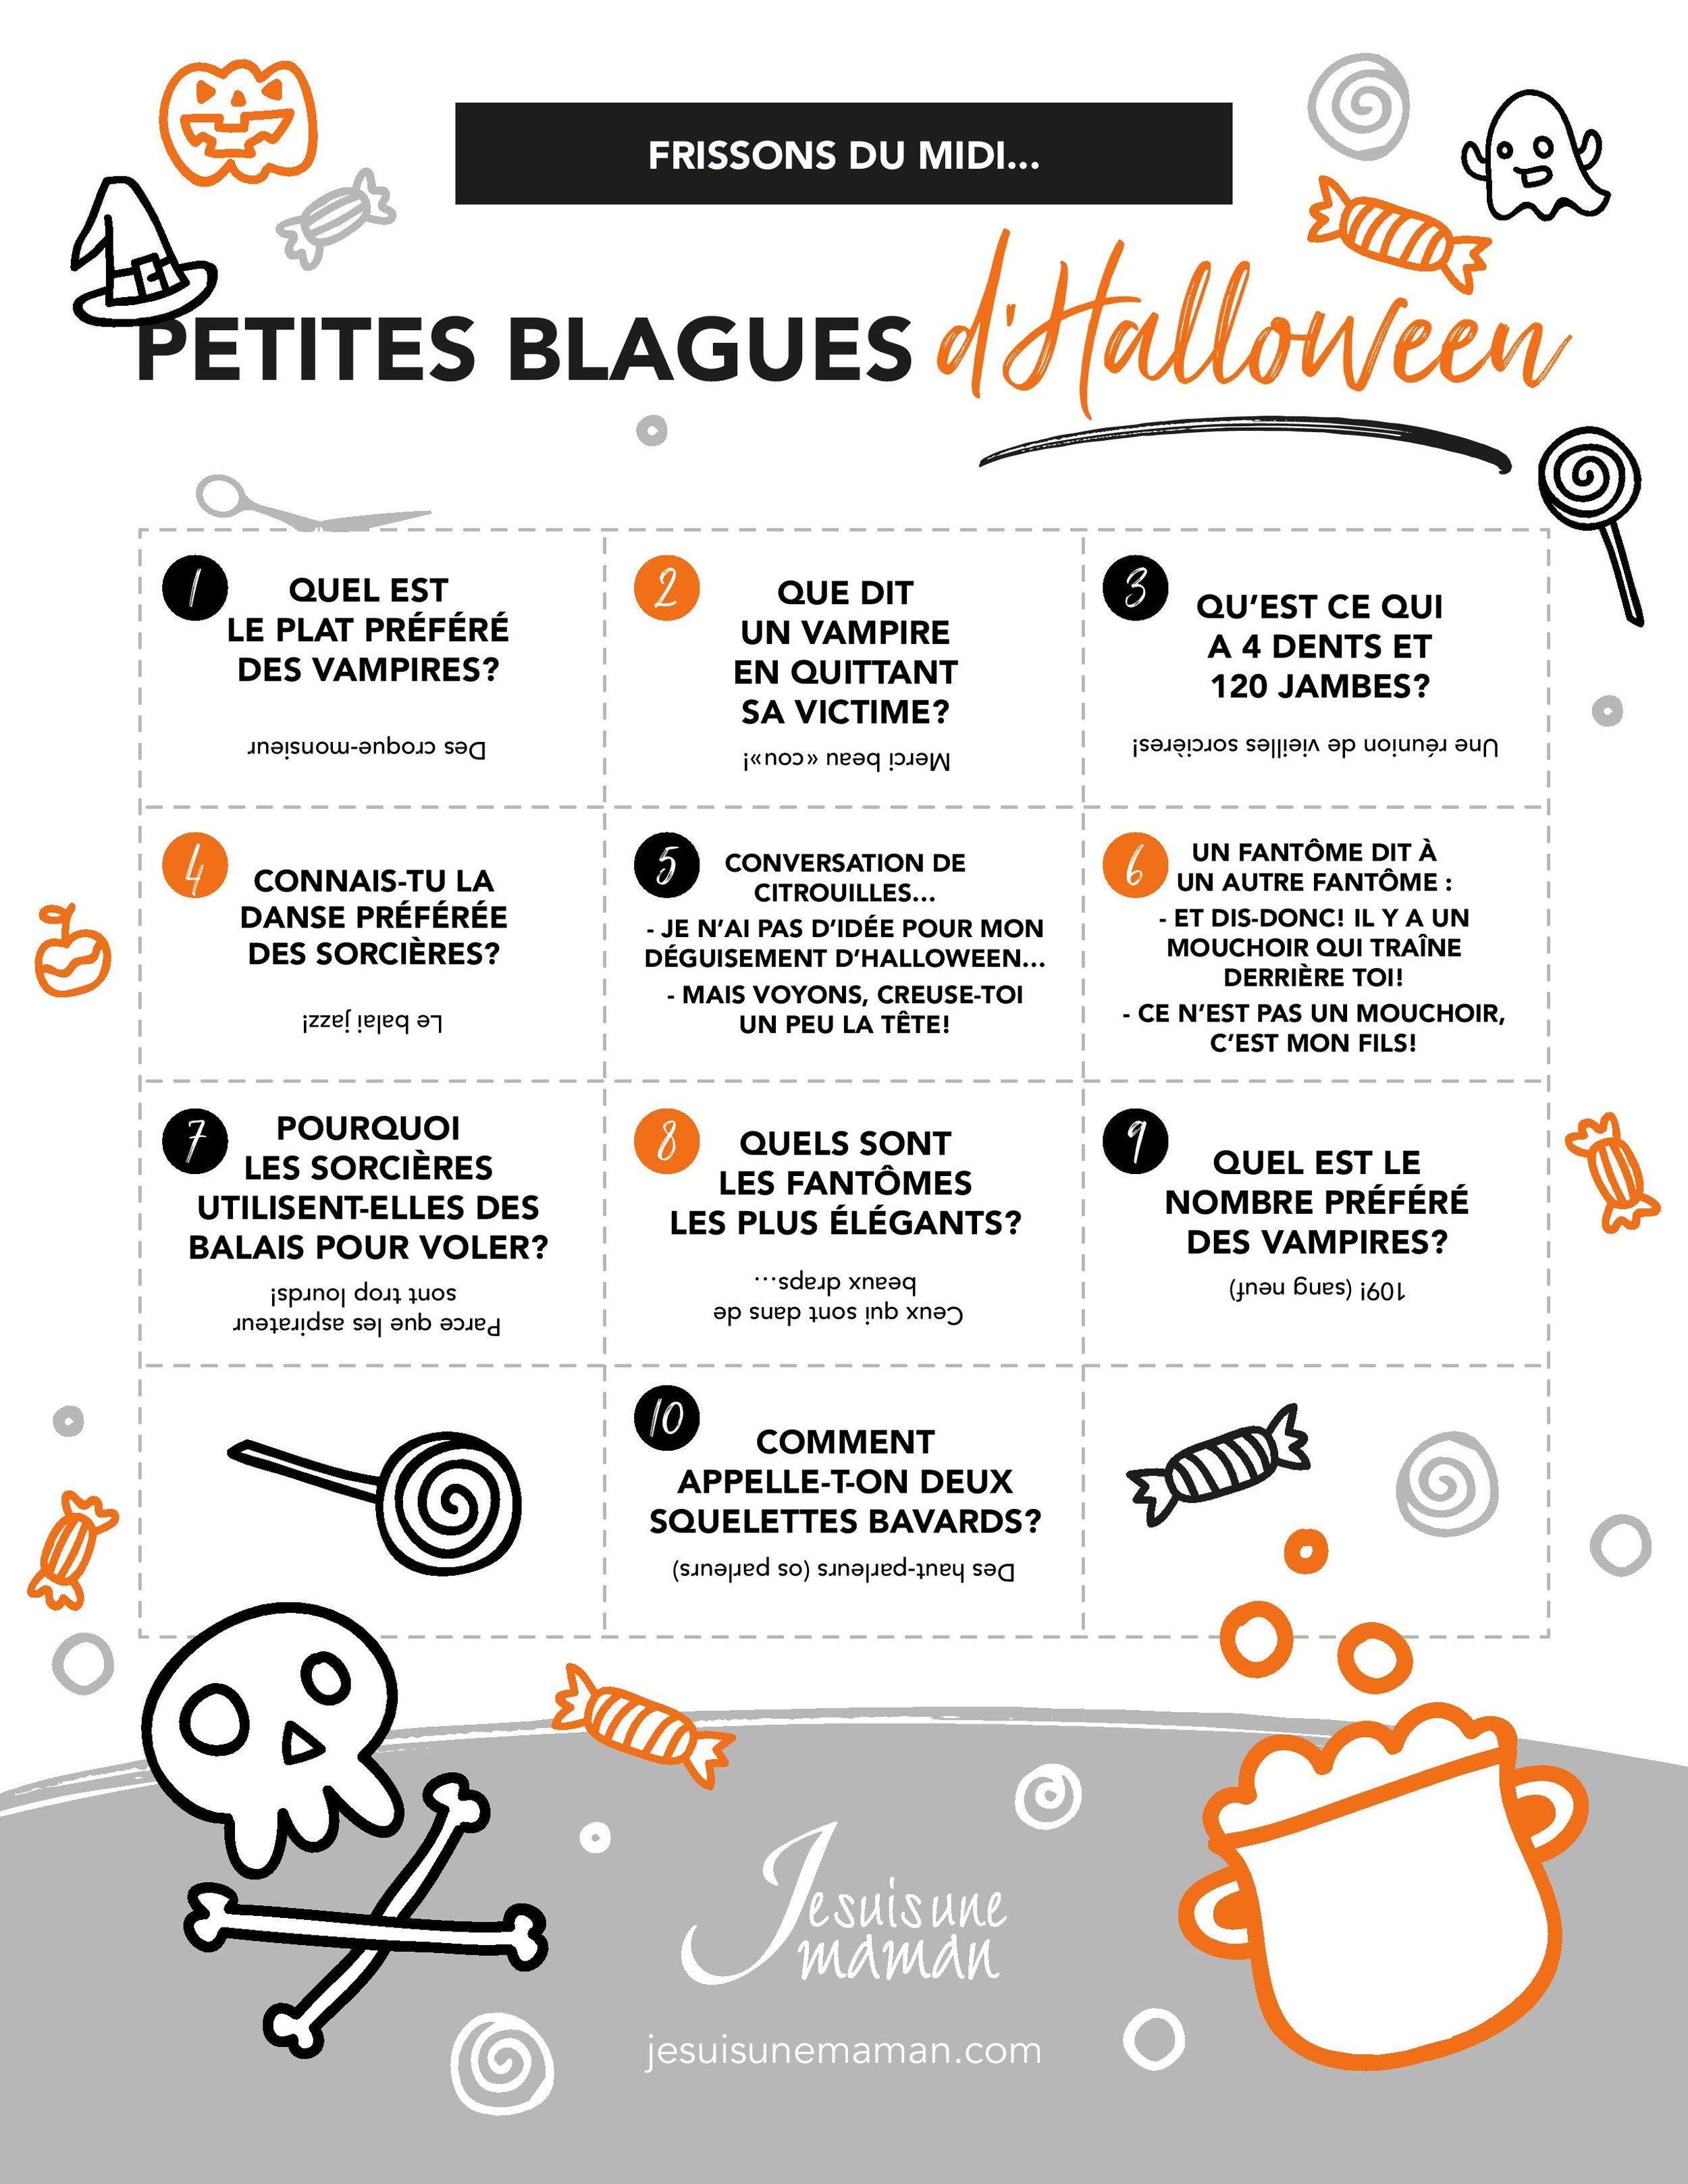 Frisson du midi-blagues-gags-plaisanteries-Blagues d'Halloween-Jokes-Halloween-Rire-S'amuser-plaisanterie d'Halloween-Octobre-enfants-parents-Je suis une maman